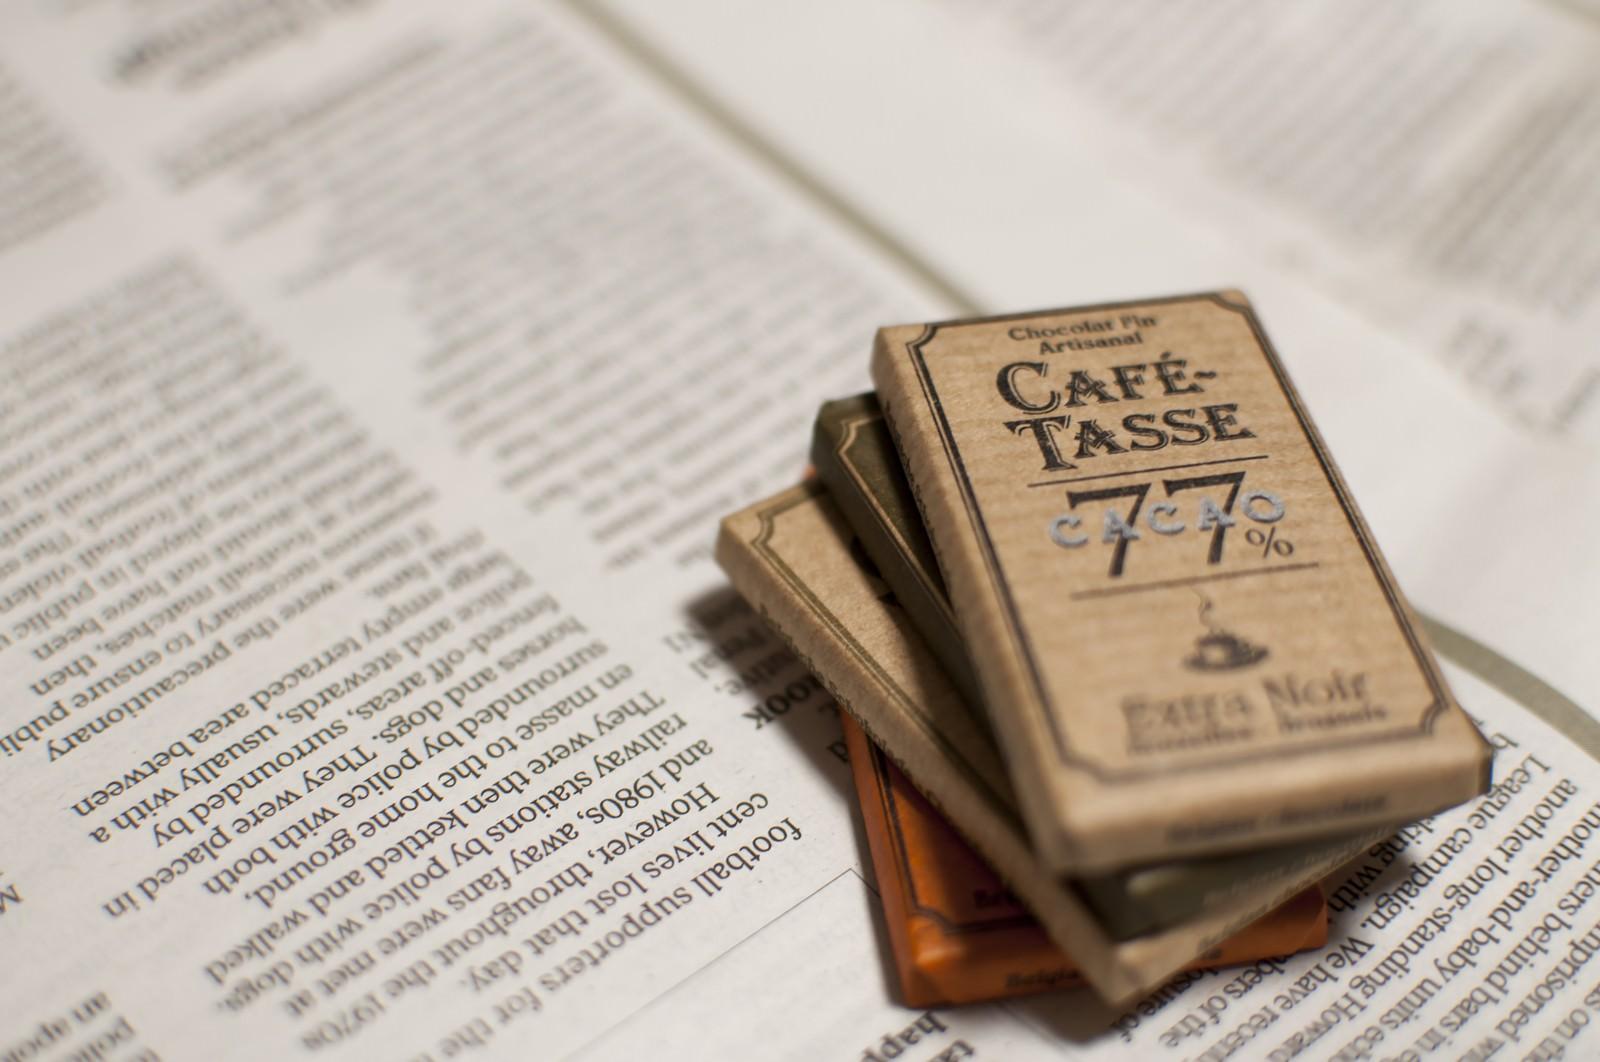 「英字新聞とチョコレート」の写真